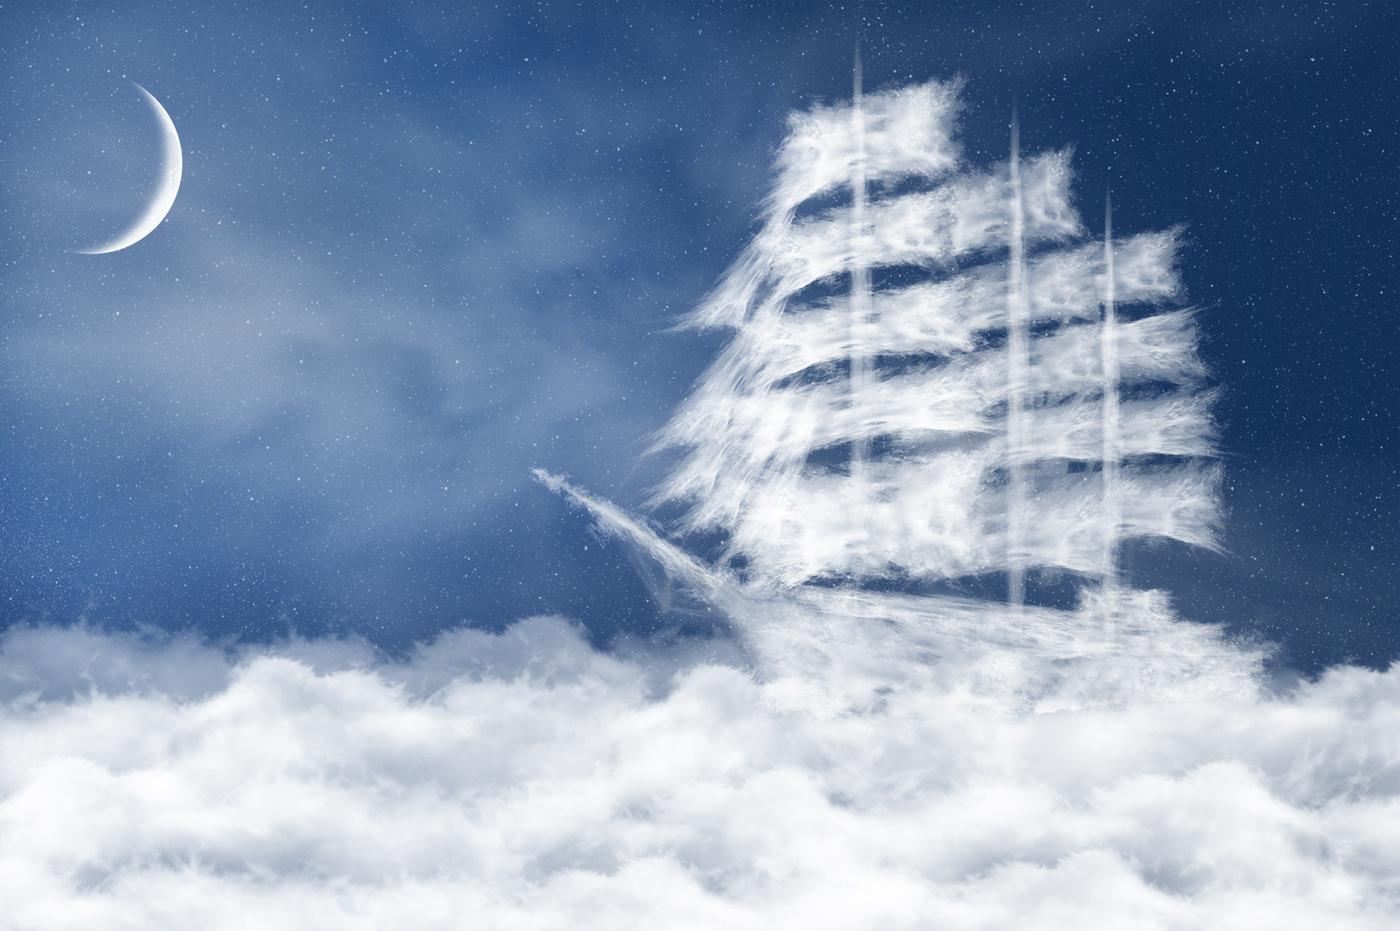 длинные постеры черно-белые кораблики изделия камнями также